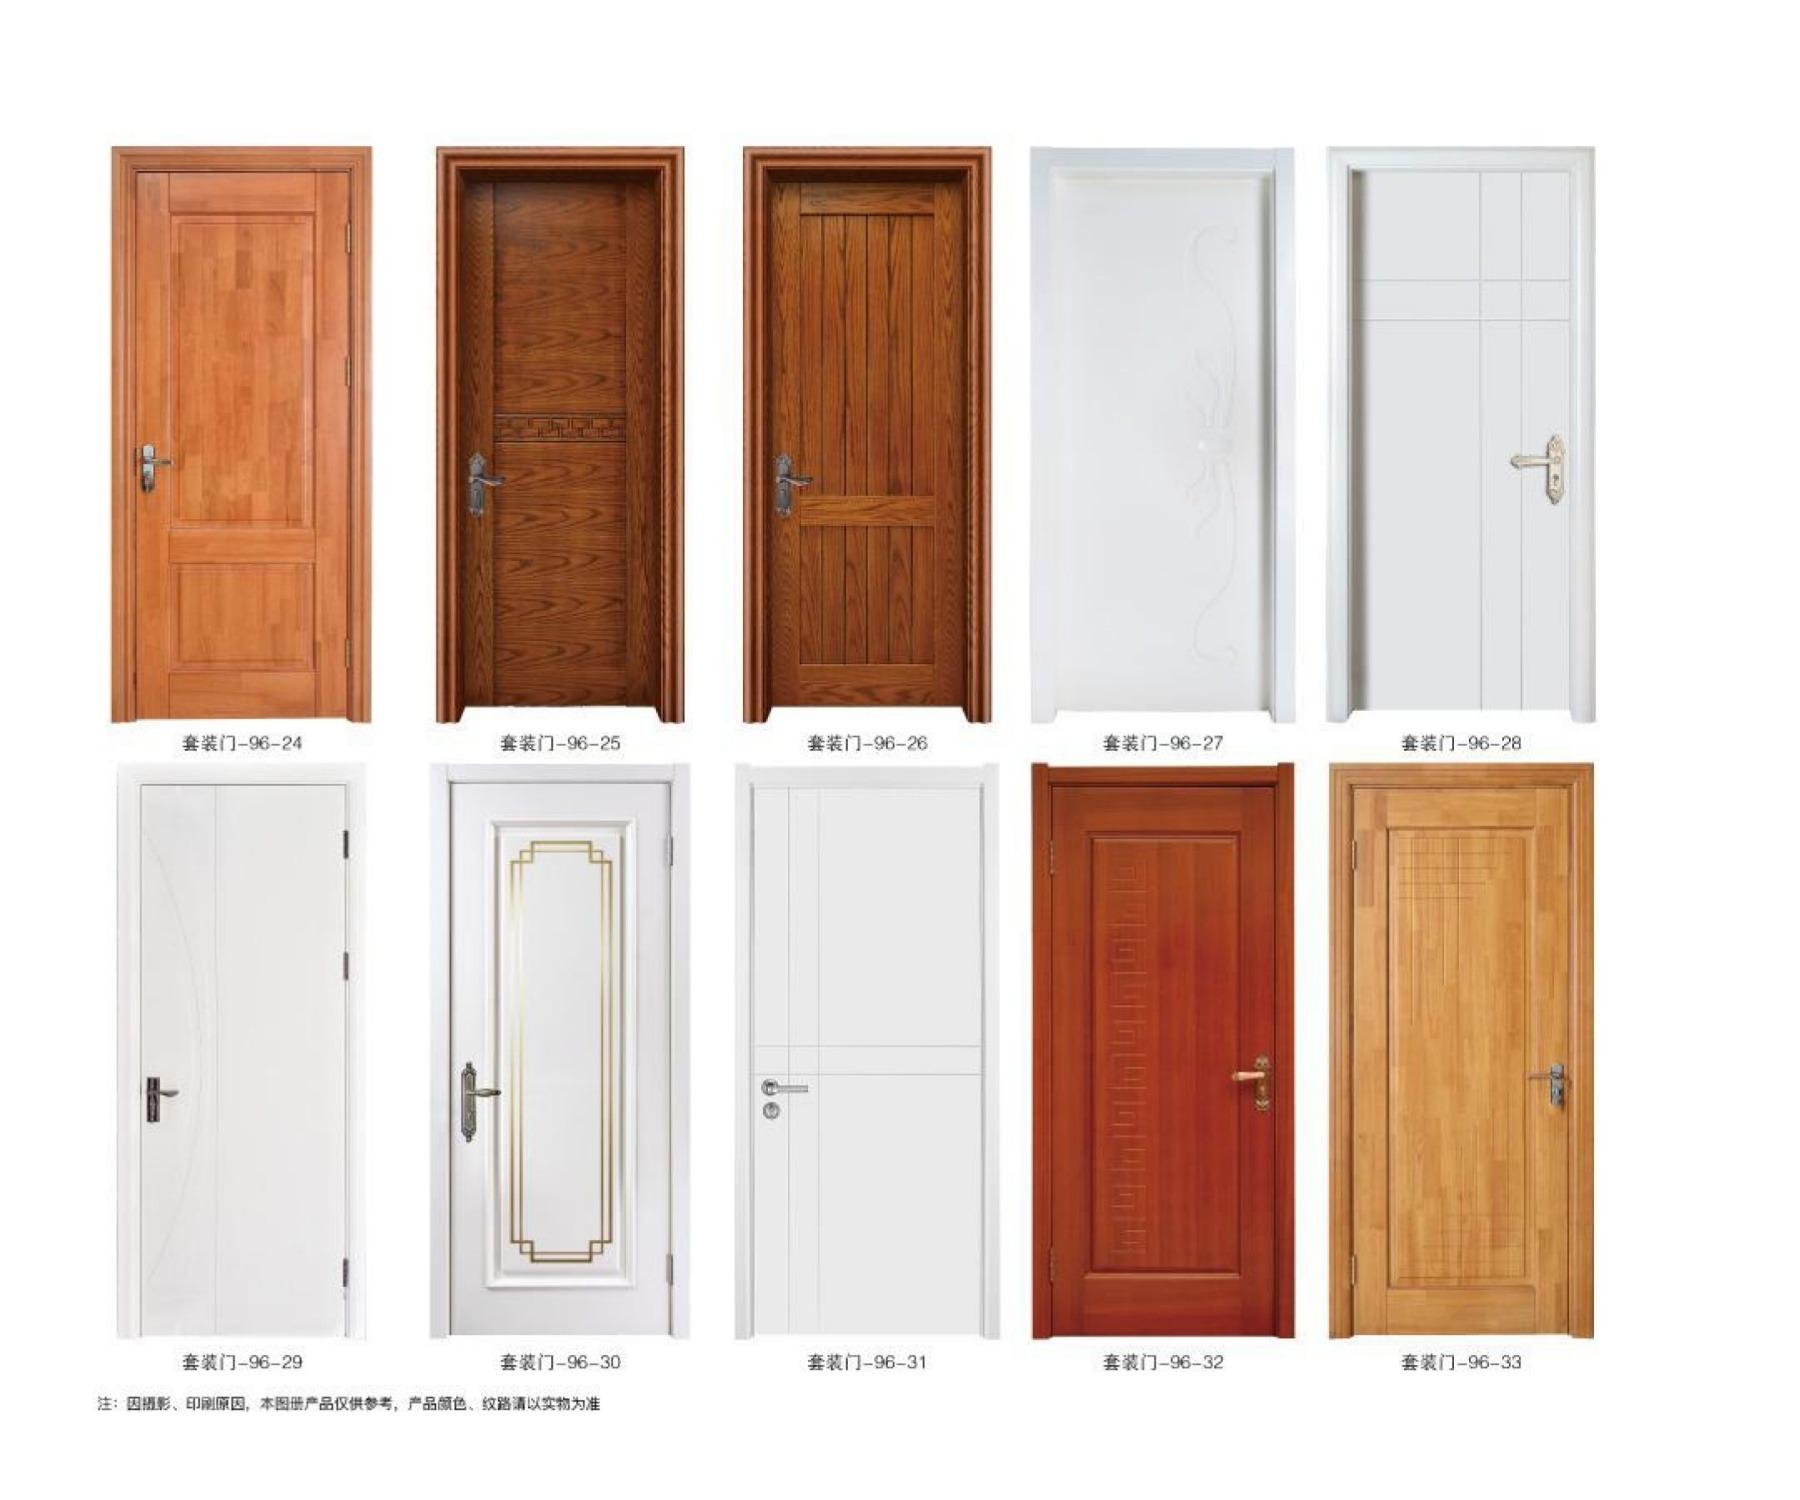 高端原木门系列  新中式实木门  格兰伯爵定制木门  全房整装定制